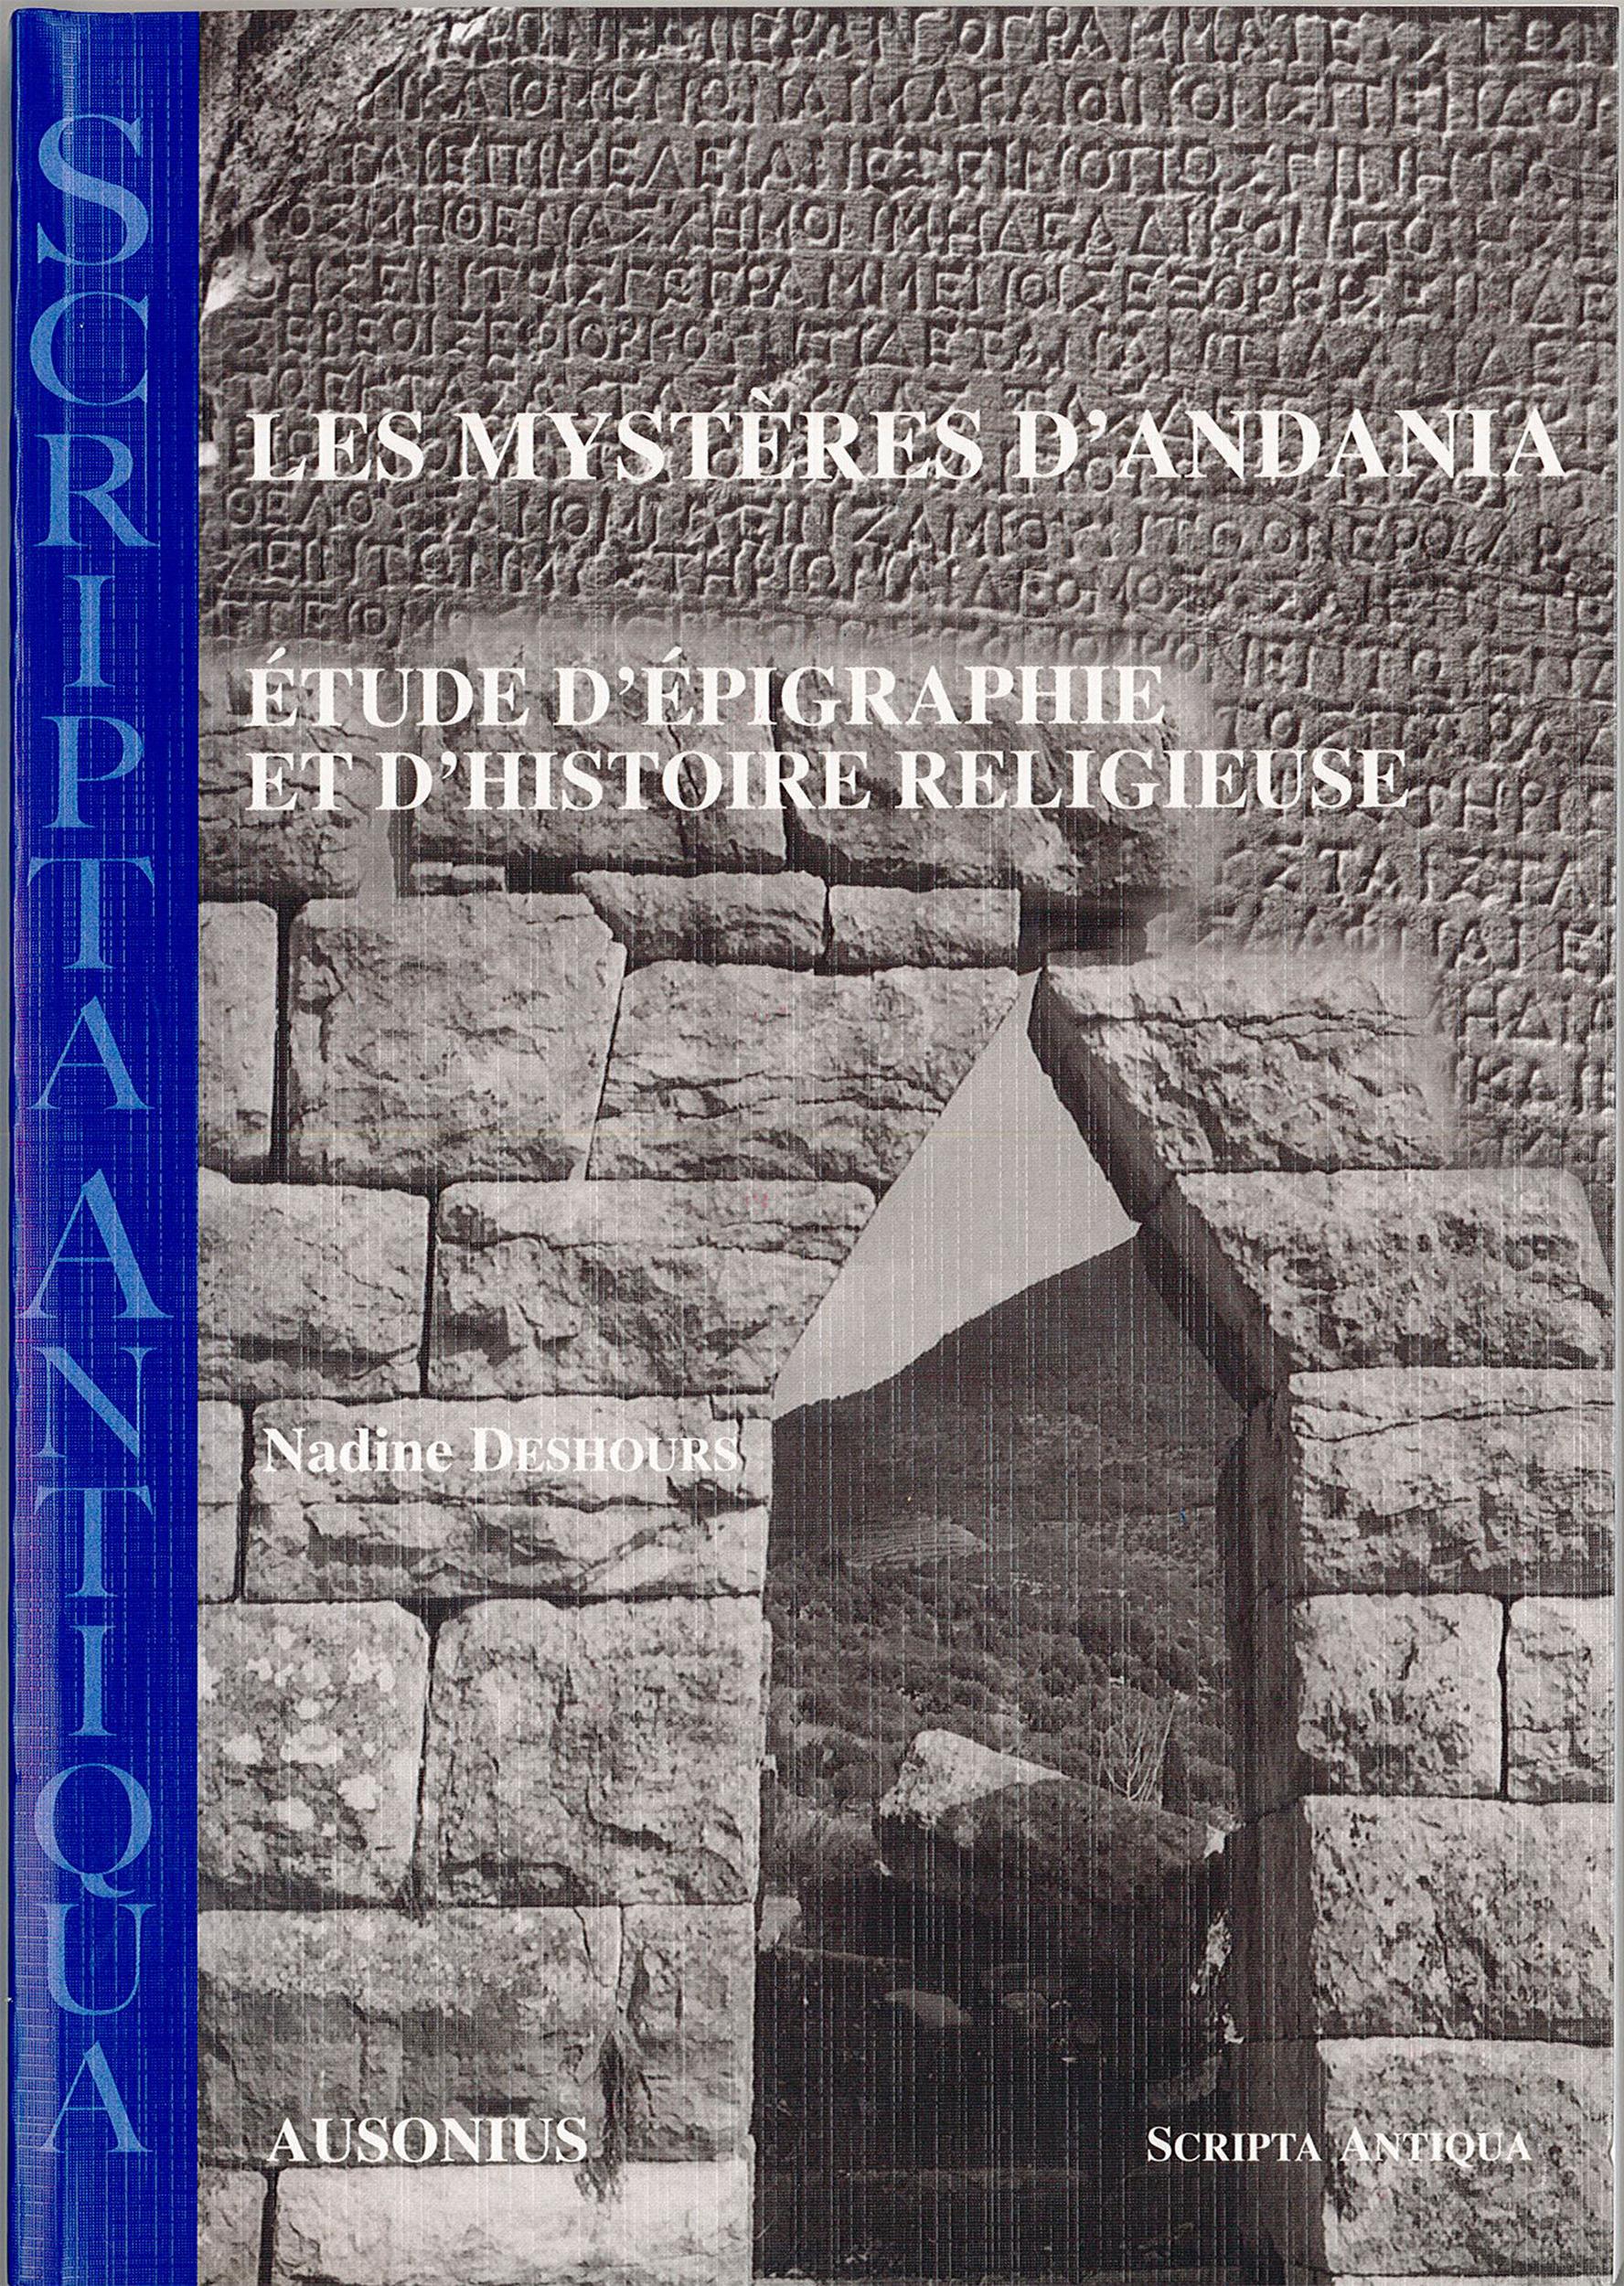 Mysteres d andania etude d epigraphie et d histoire religieuse